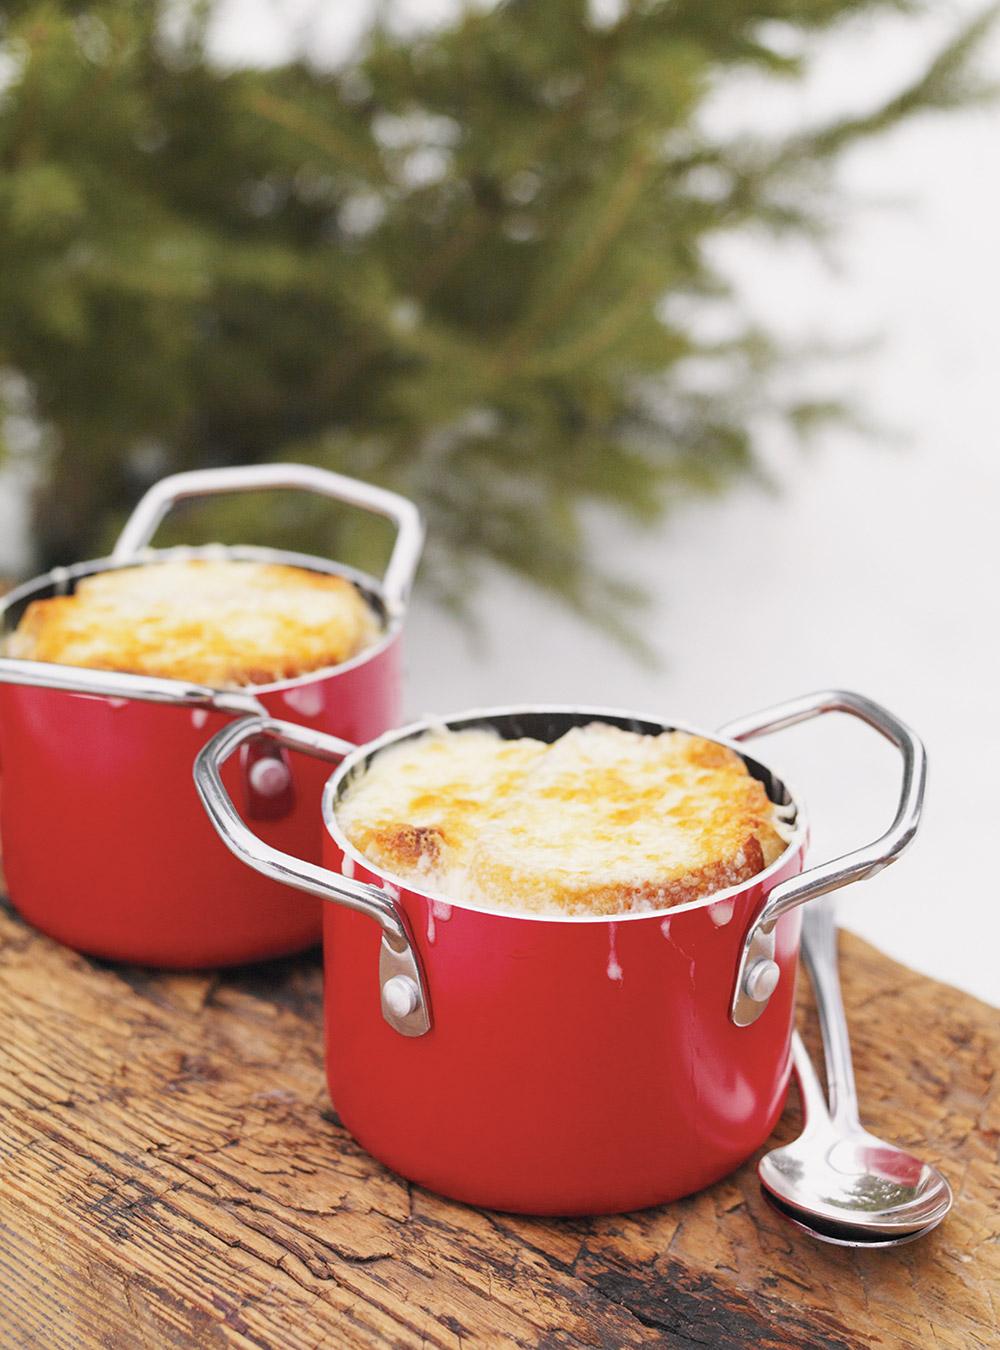 Soupe au chou gratinée (style soupe à l'oignon gratinée) | ricardo